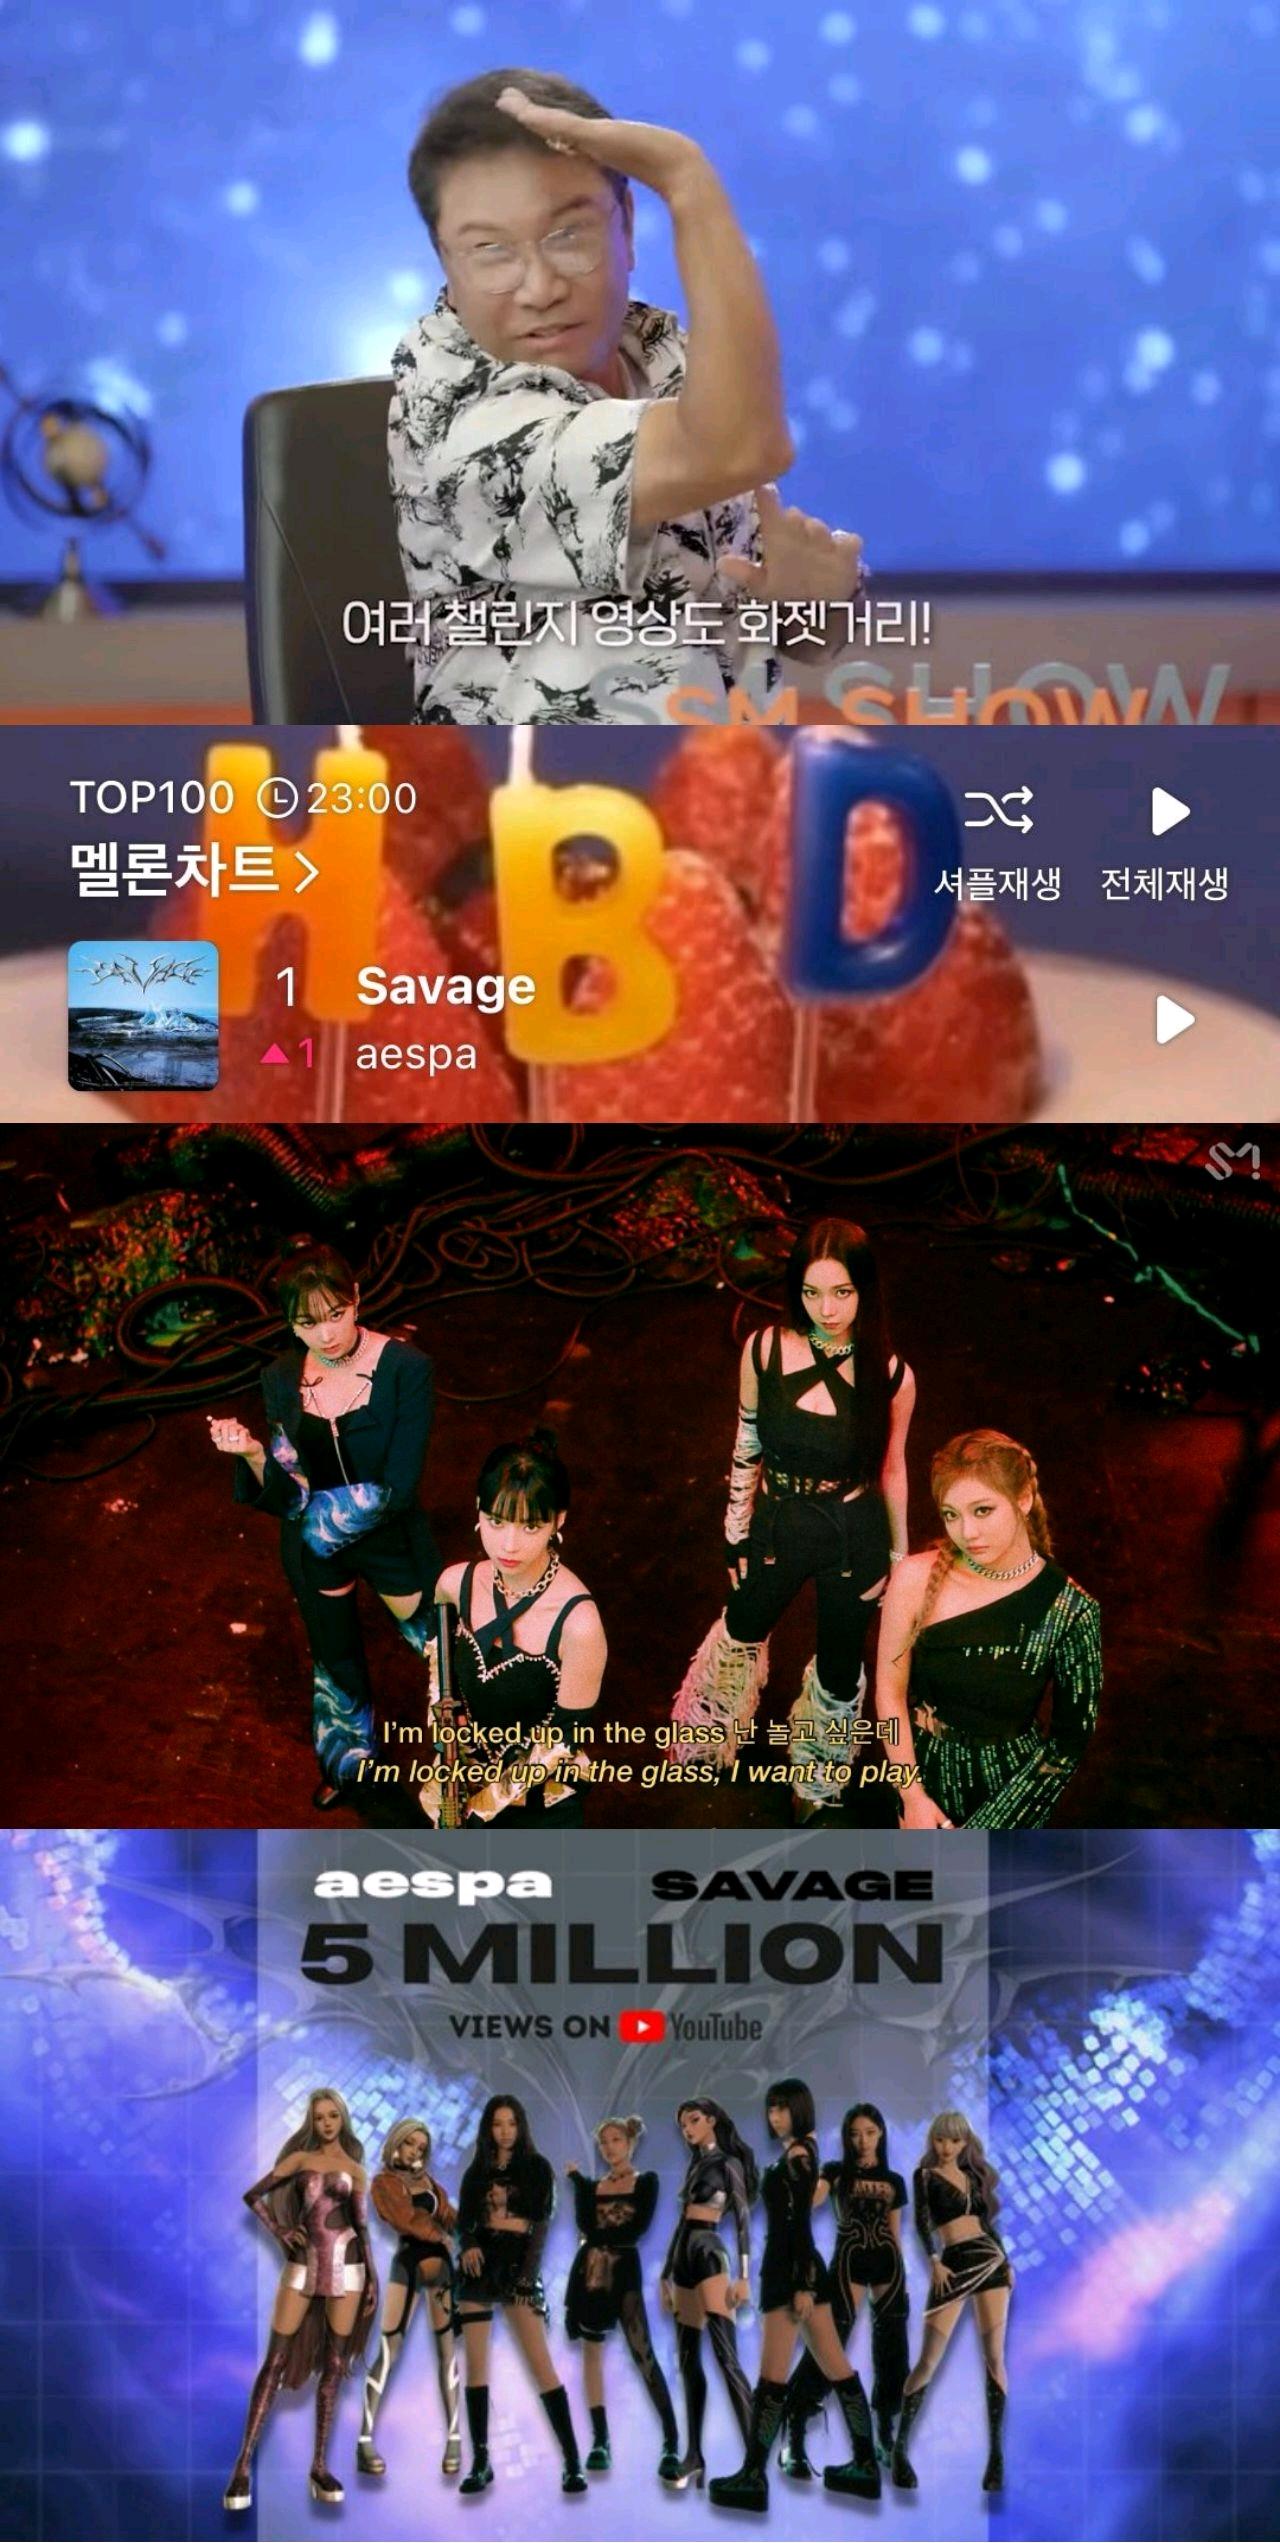 aespa新歌在韩网评论两极分化,五代紫薇星预售40万期待年末大赏